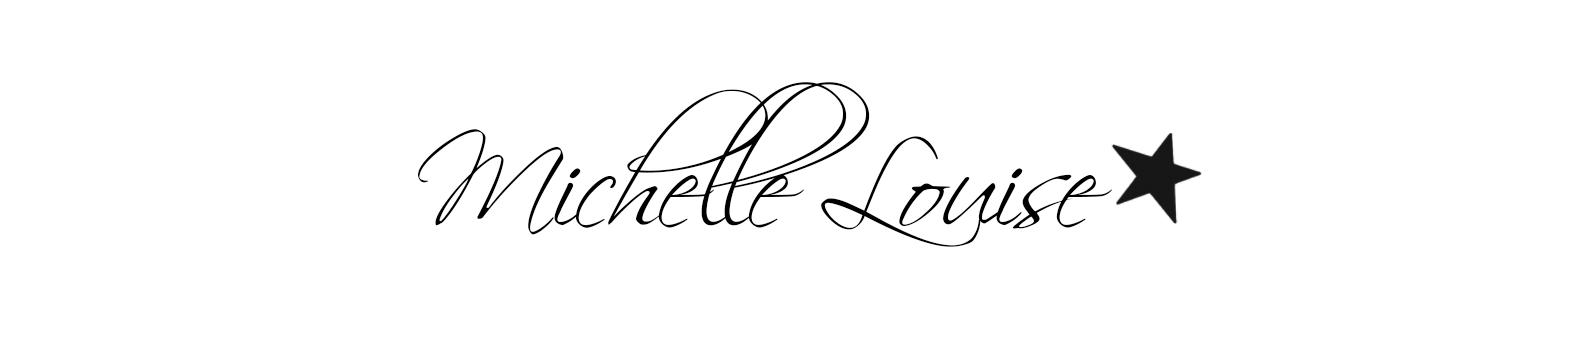 Michelle-Louise